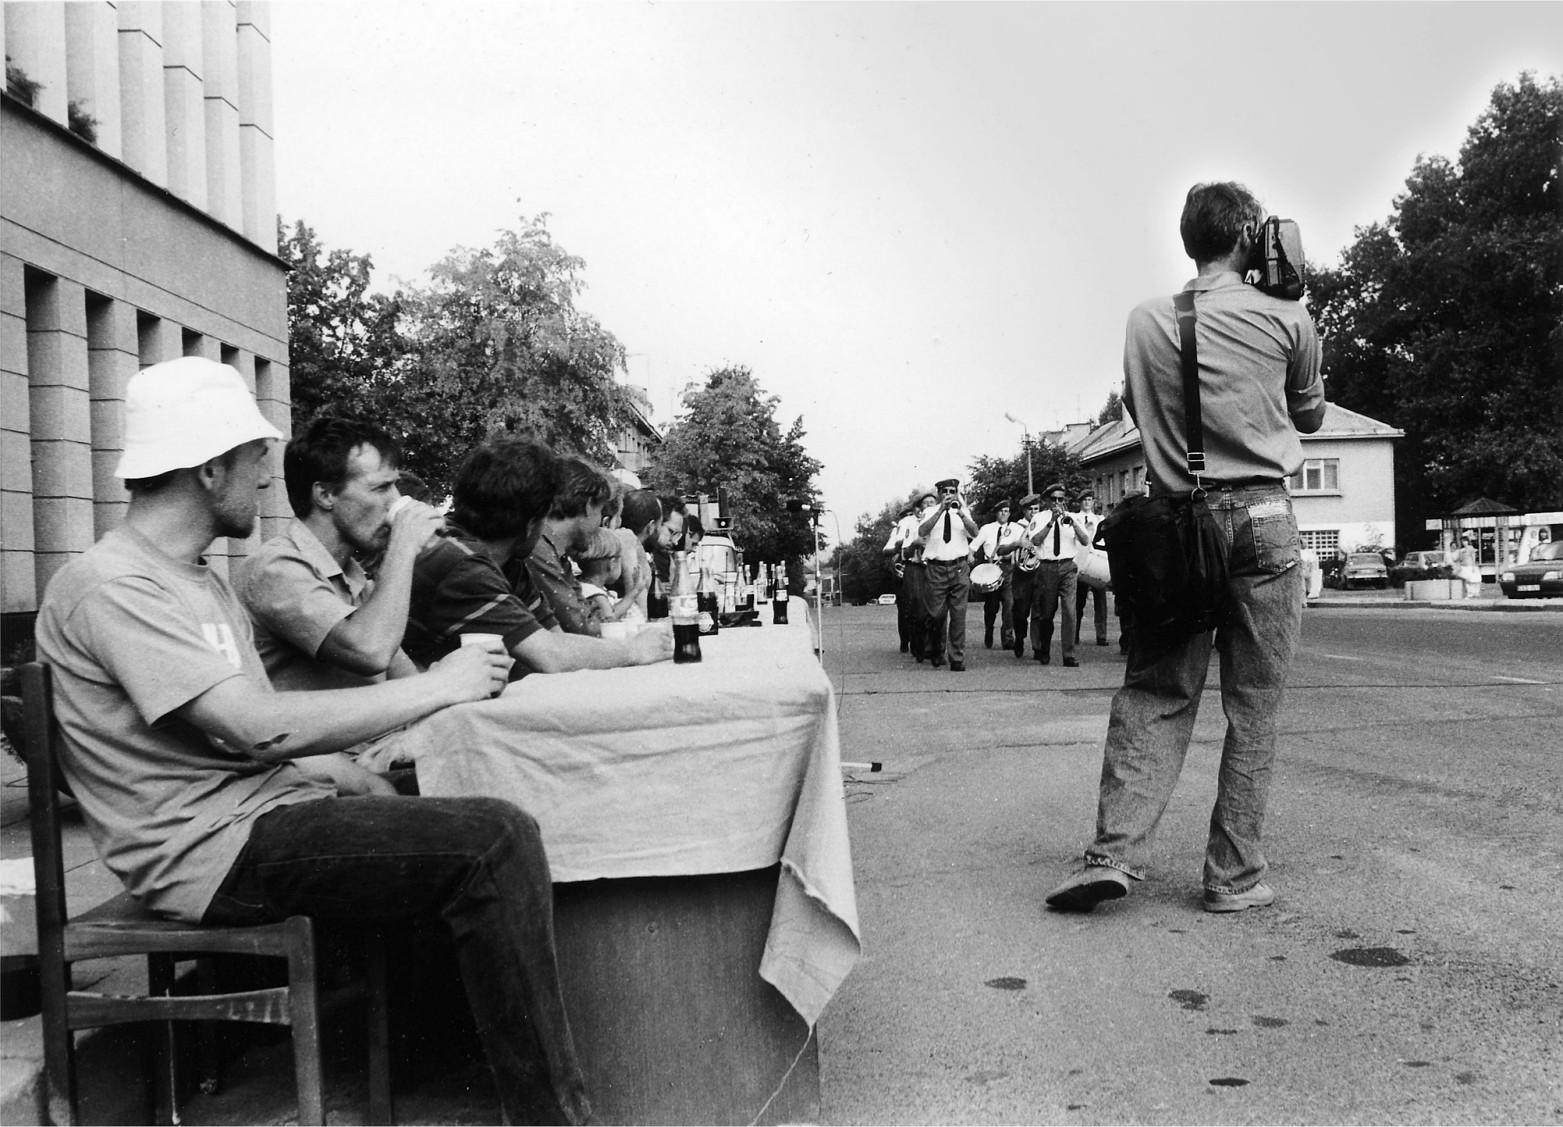 Tiesės. Pjūvio atidarymo akcija, 1995. Vytauto V. Stanionio nuotr.